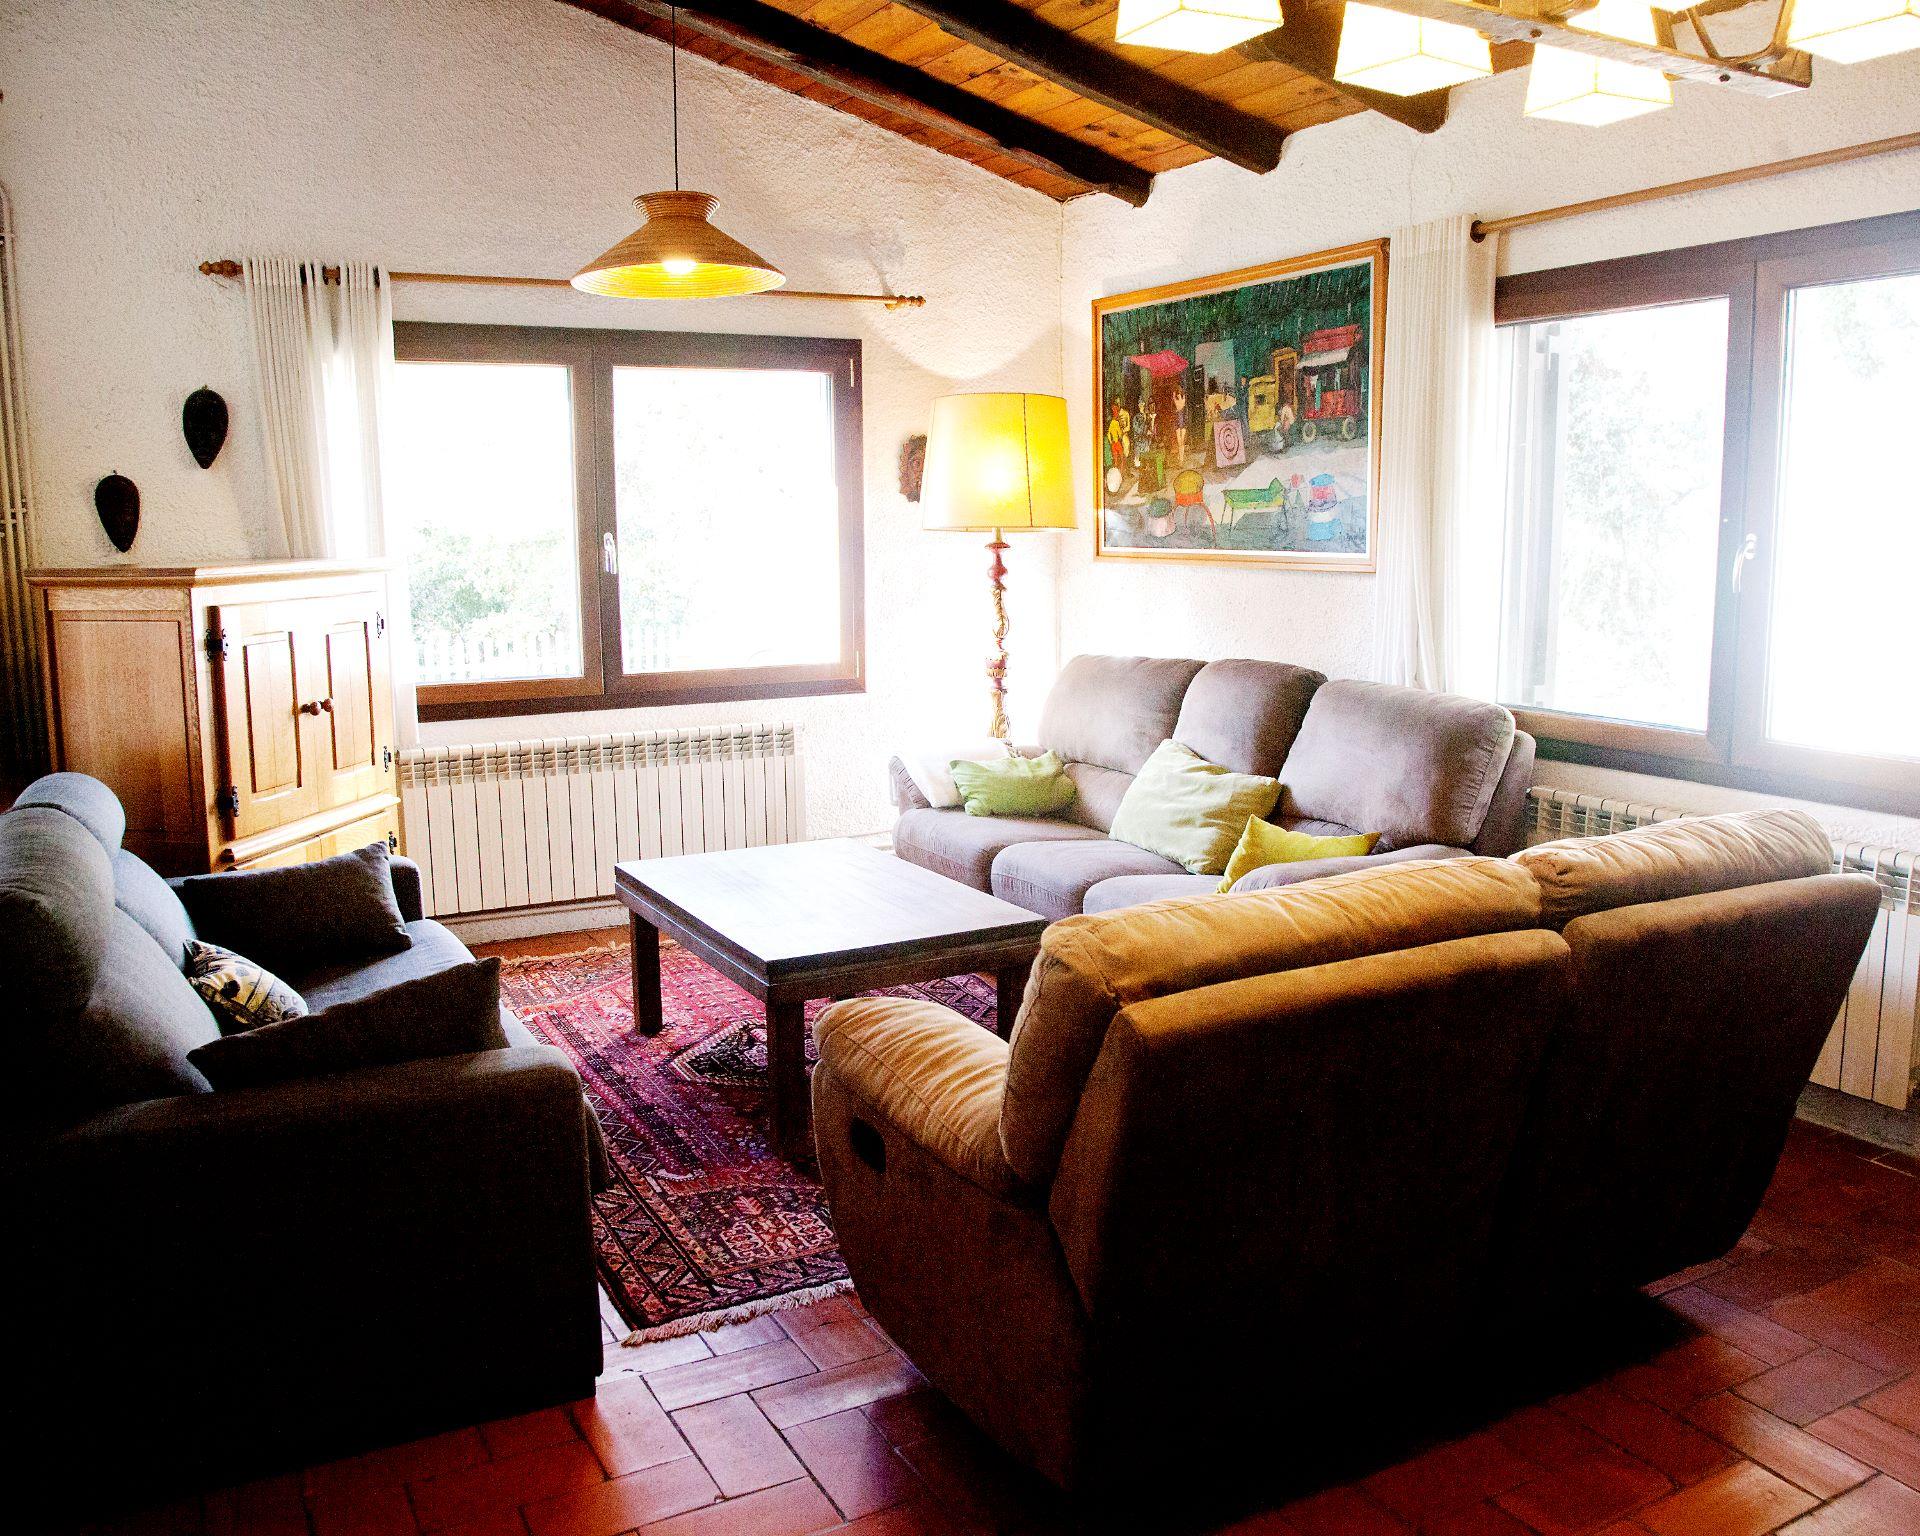 Affitto Casa in Celrà. Casa rural cerca del golf girona